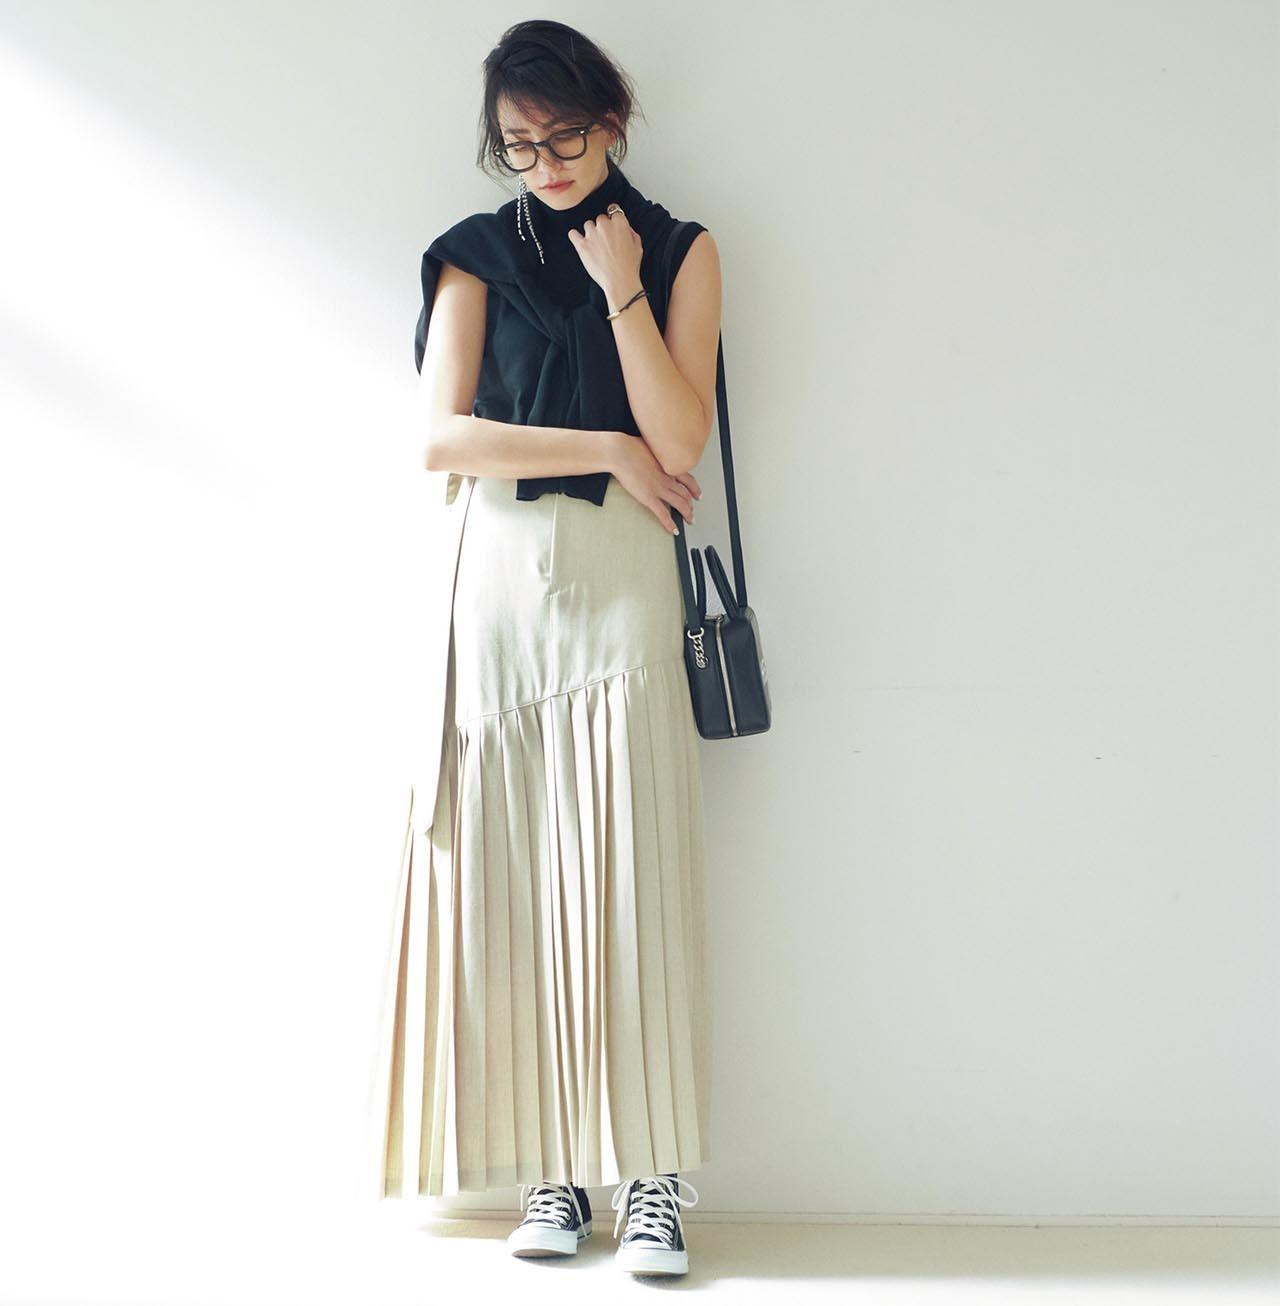 ノースリーブニット×プリーツスカートコーデを着たモデルのRINAさん